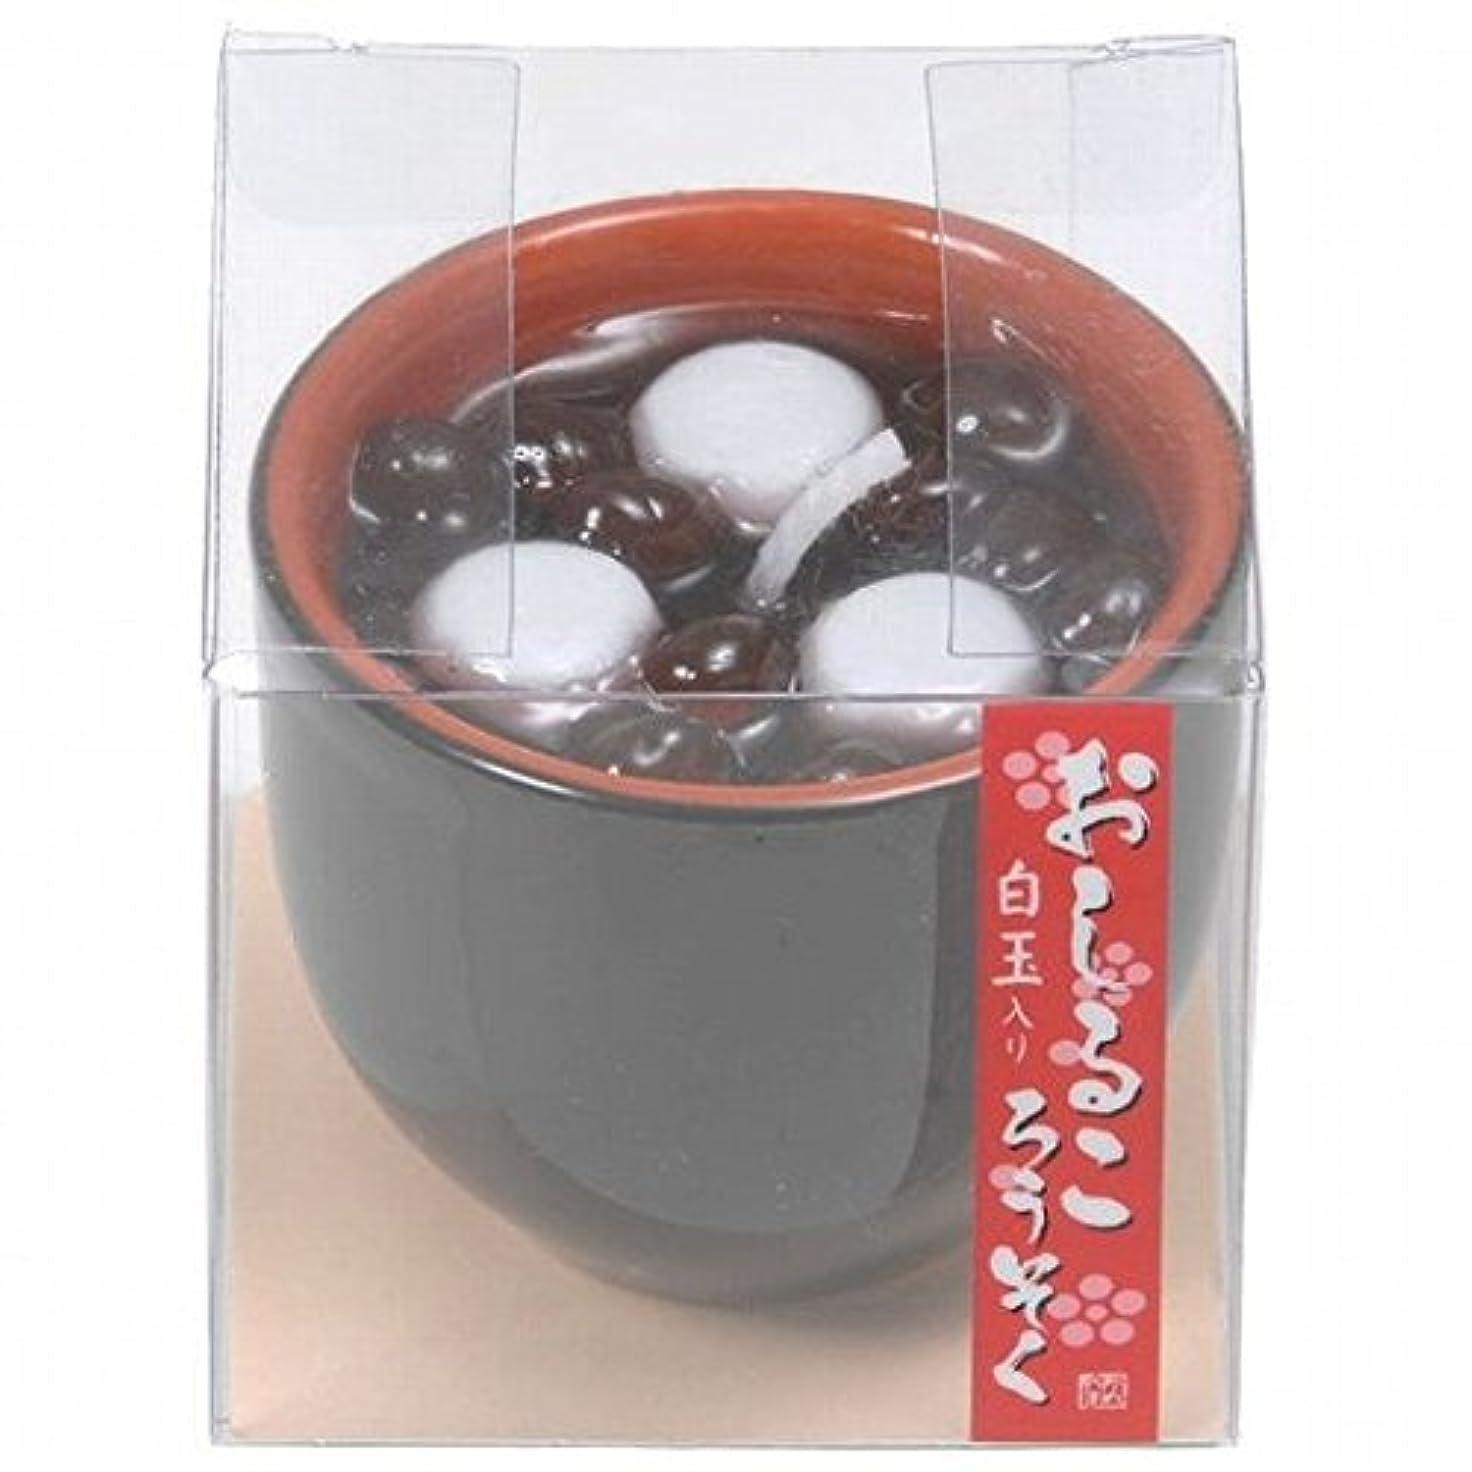 普及飢良さkameyama candle(カメヤマキャンドル) おしるころうそく キャンドル(86440000)